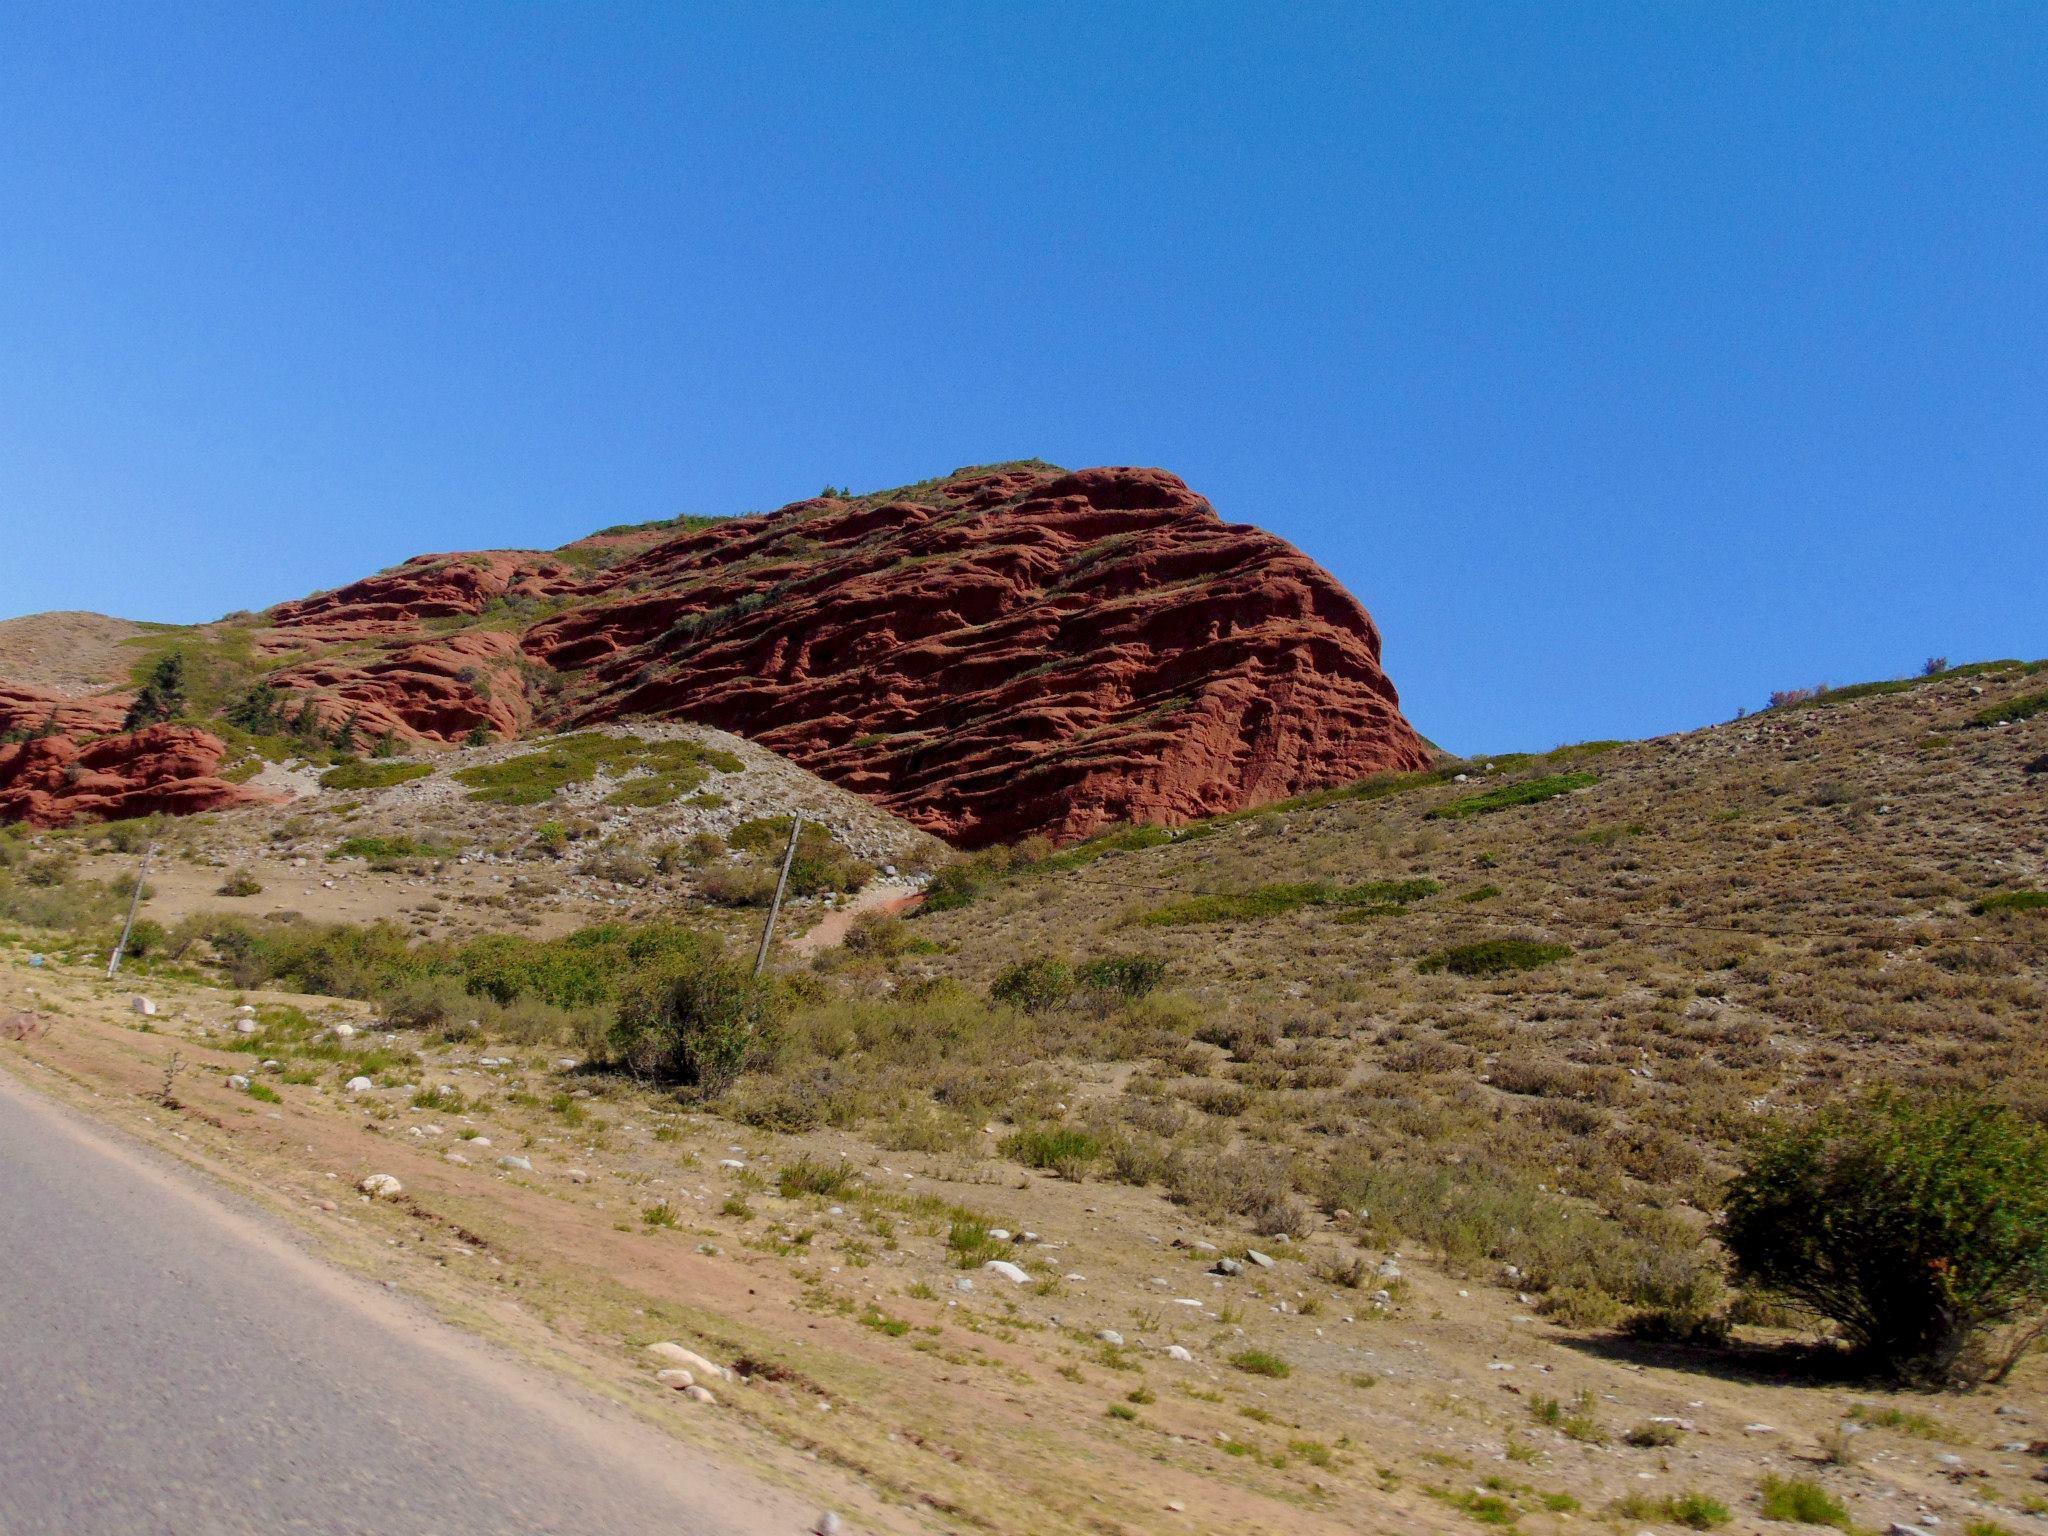 красные скалы. джалал-абад. ферганская долина. предгорье тянь-шаня. путешествия кати в киргизии